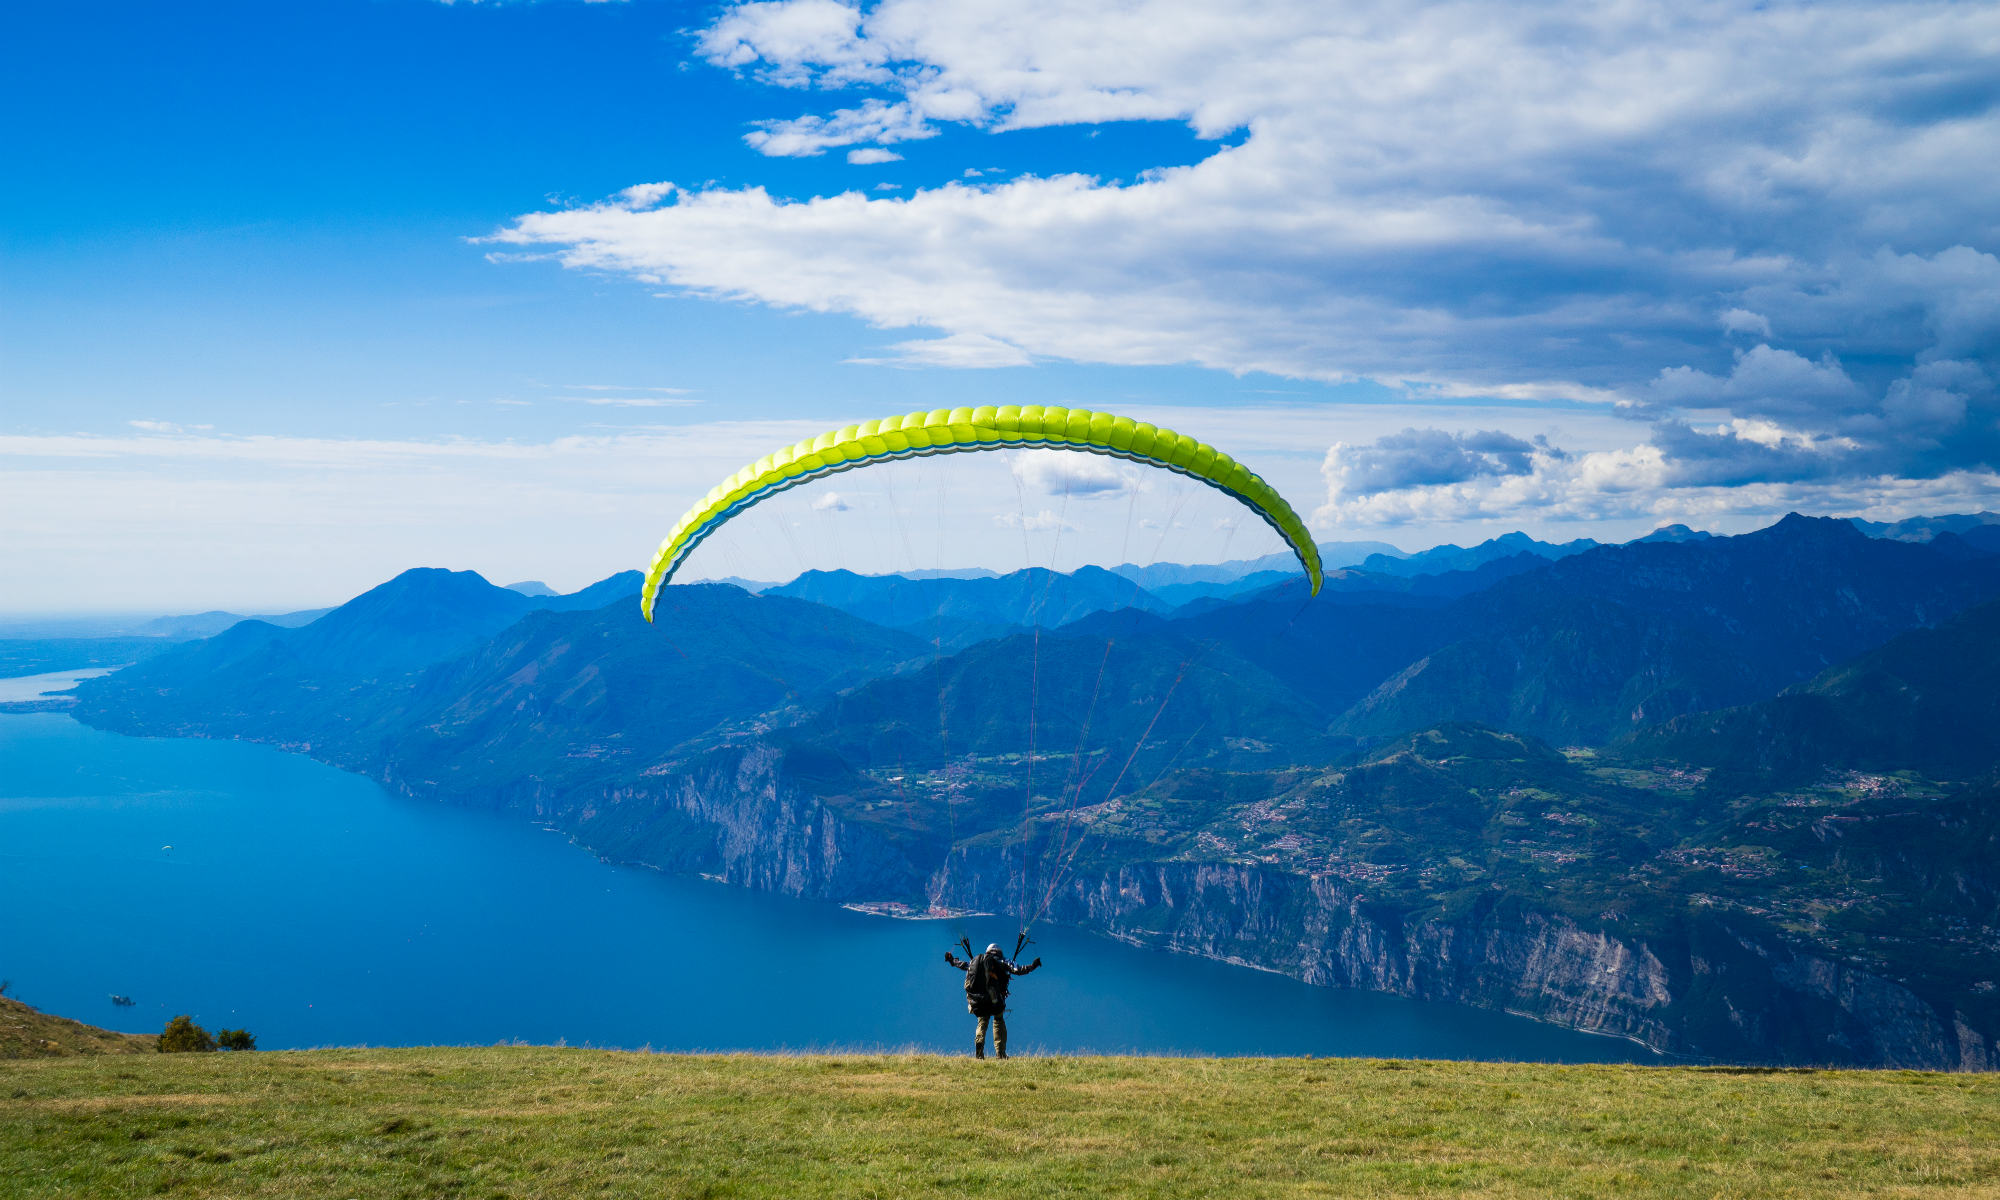 Ein Paraglider vor dem marineblauen Gardasee und dem umliegenden Bergpanorama.